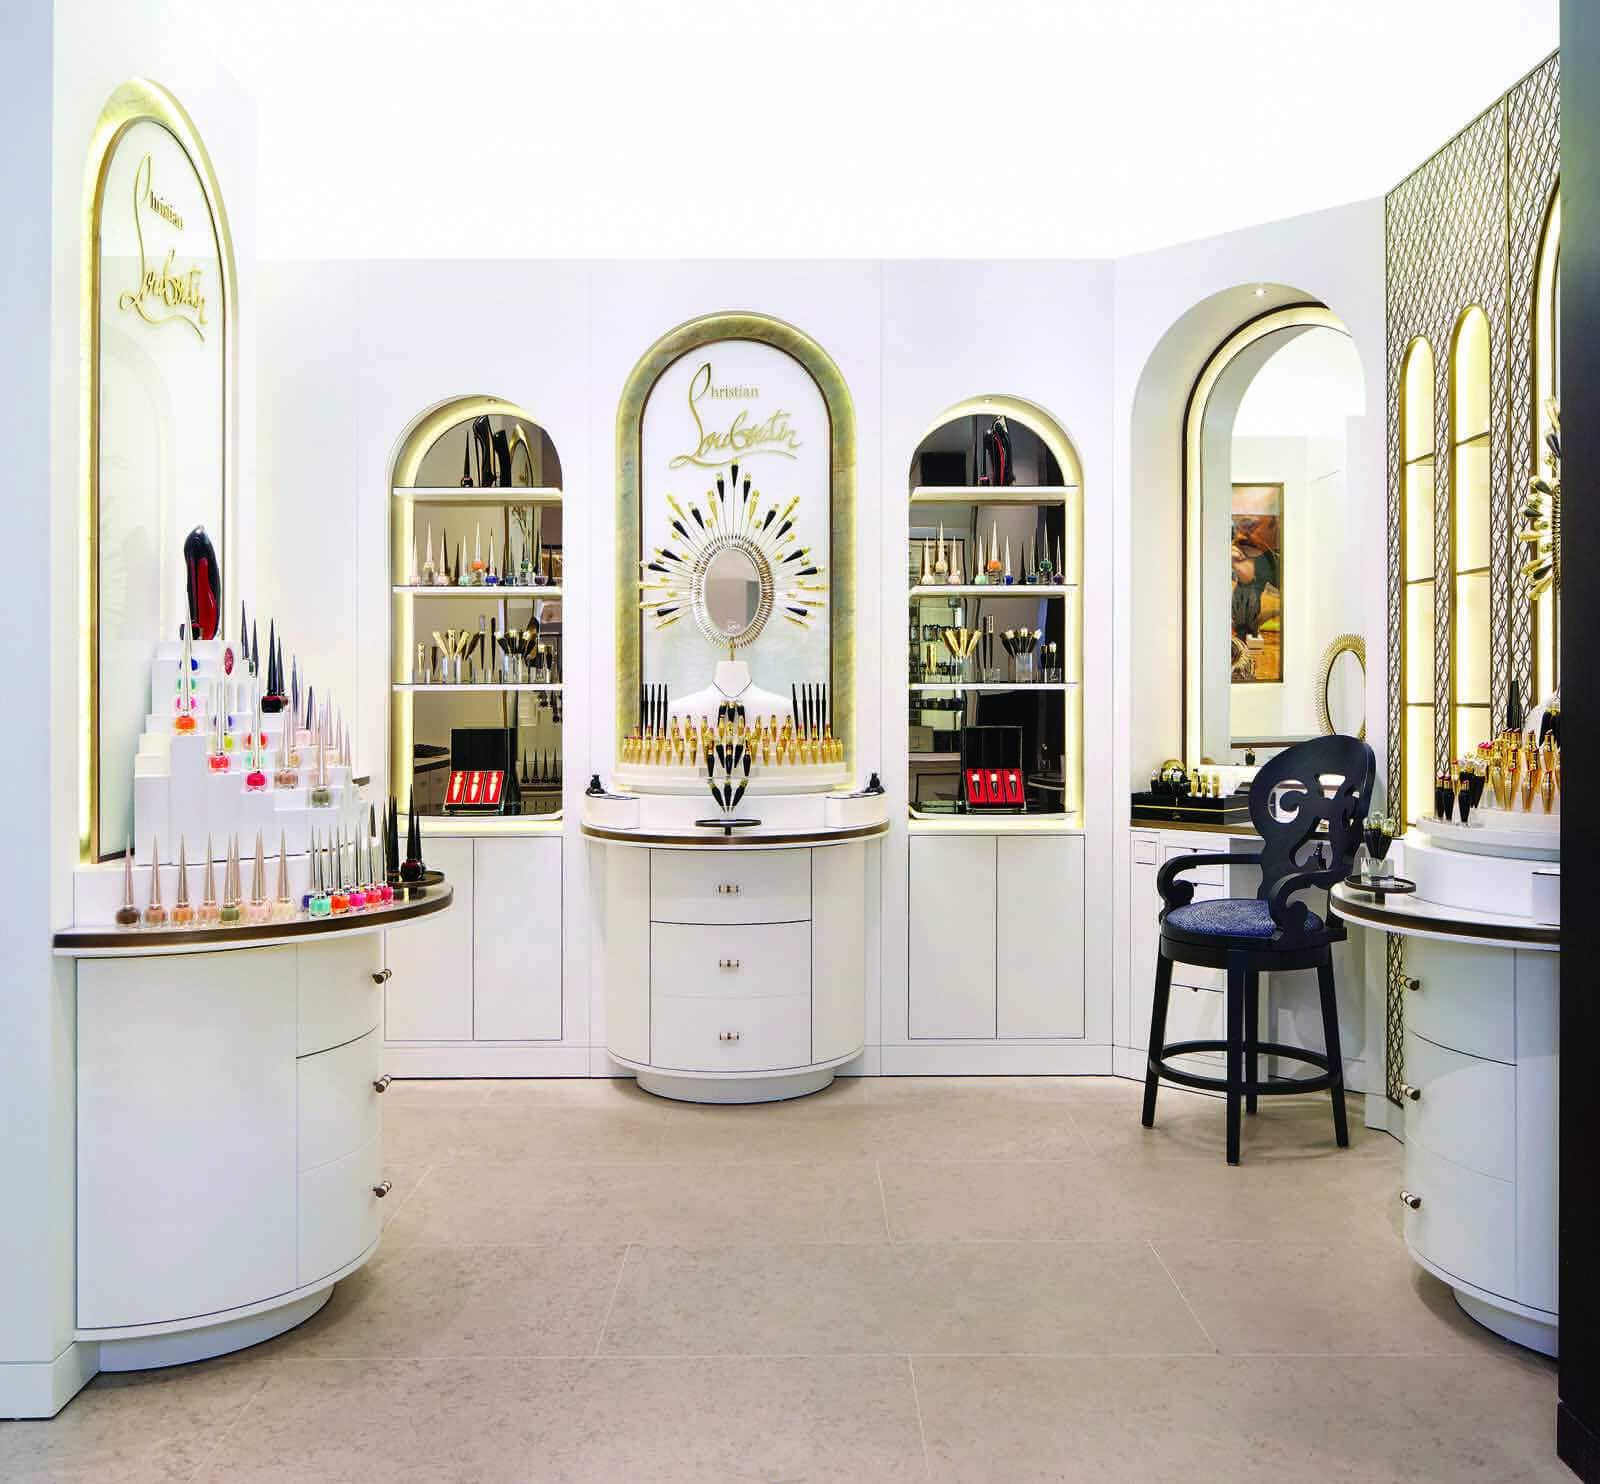 OuiPlease OuiBlog Christian Louboutin Beauté boutique Paris France